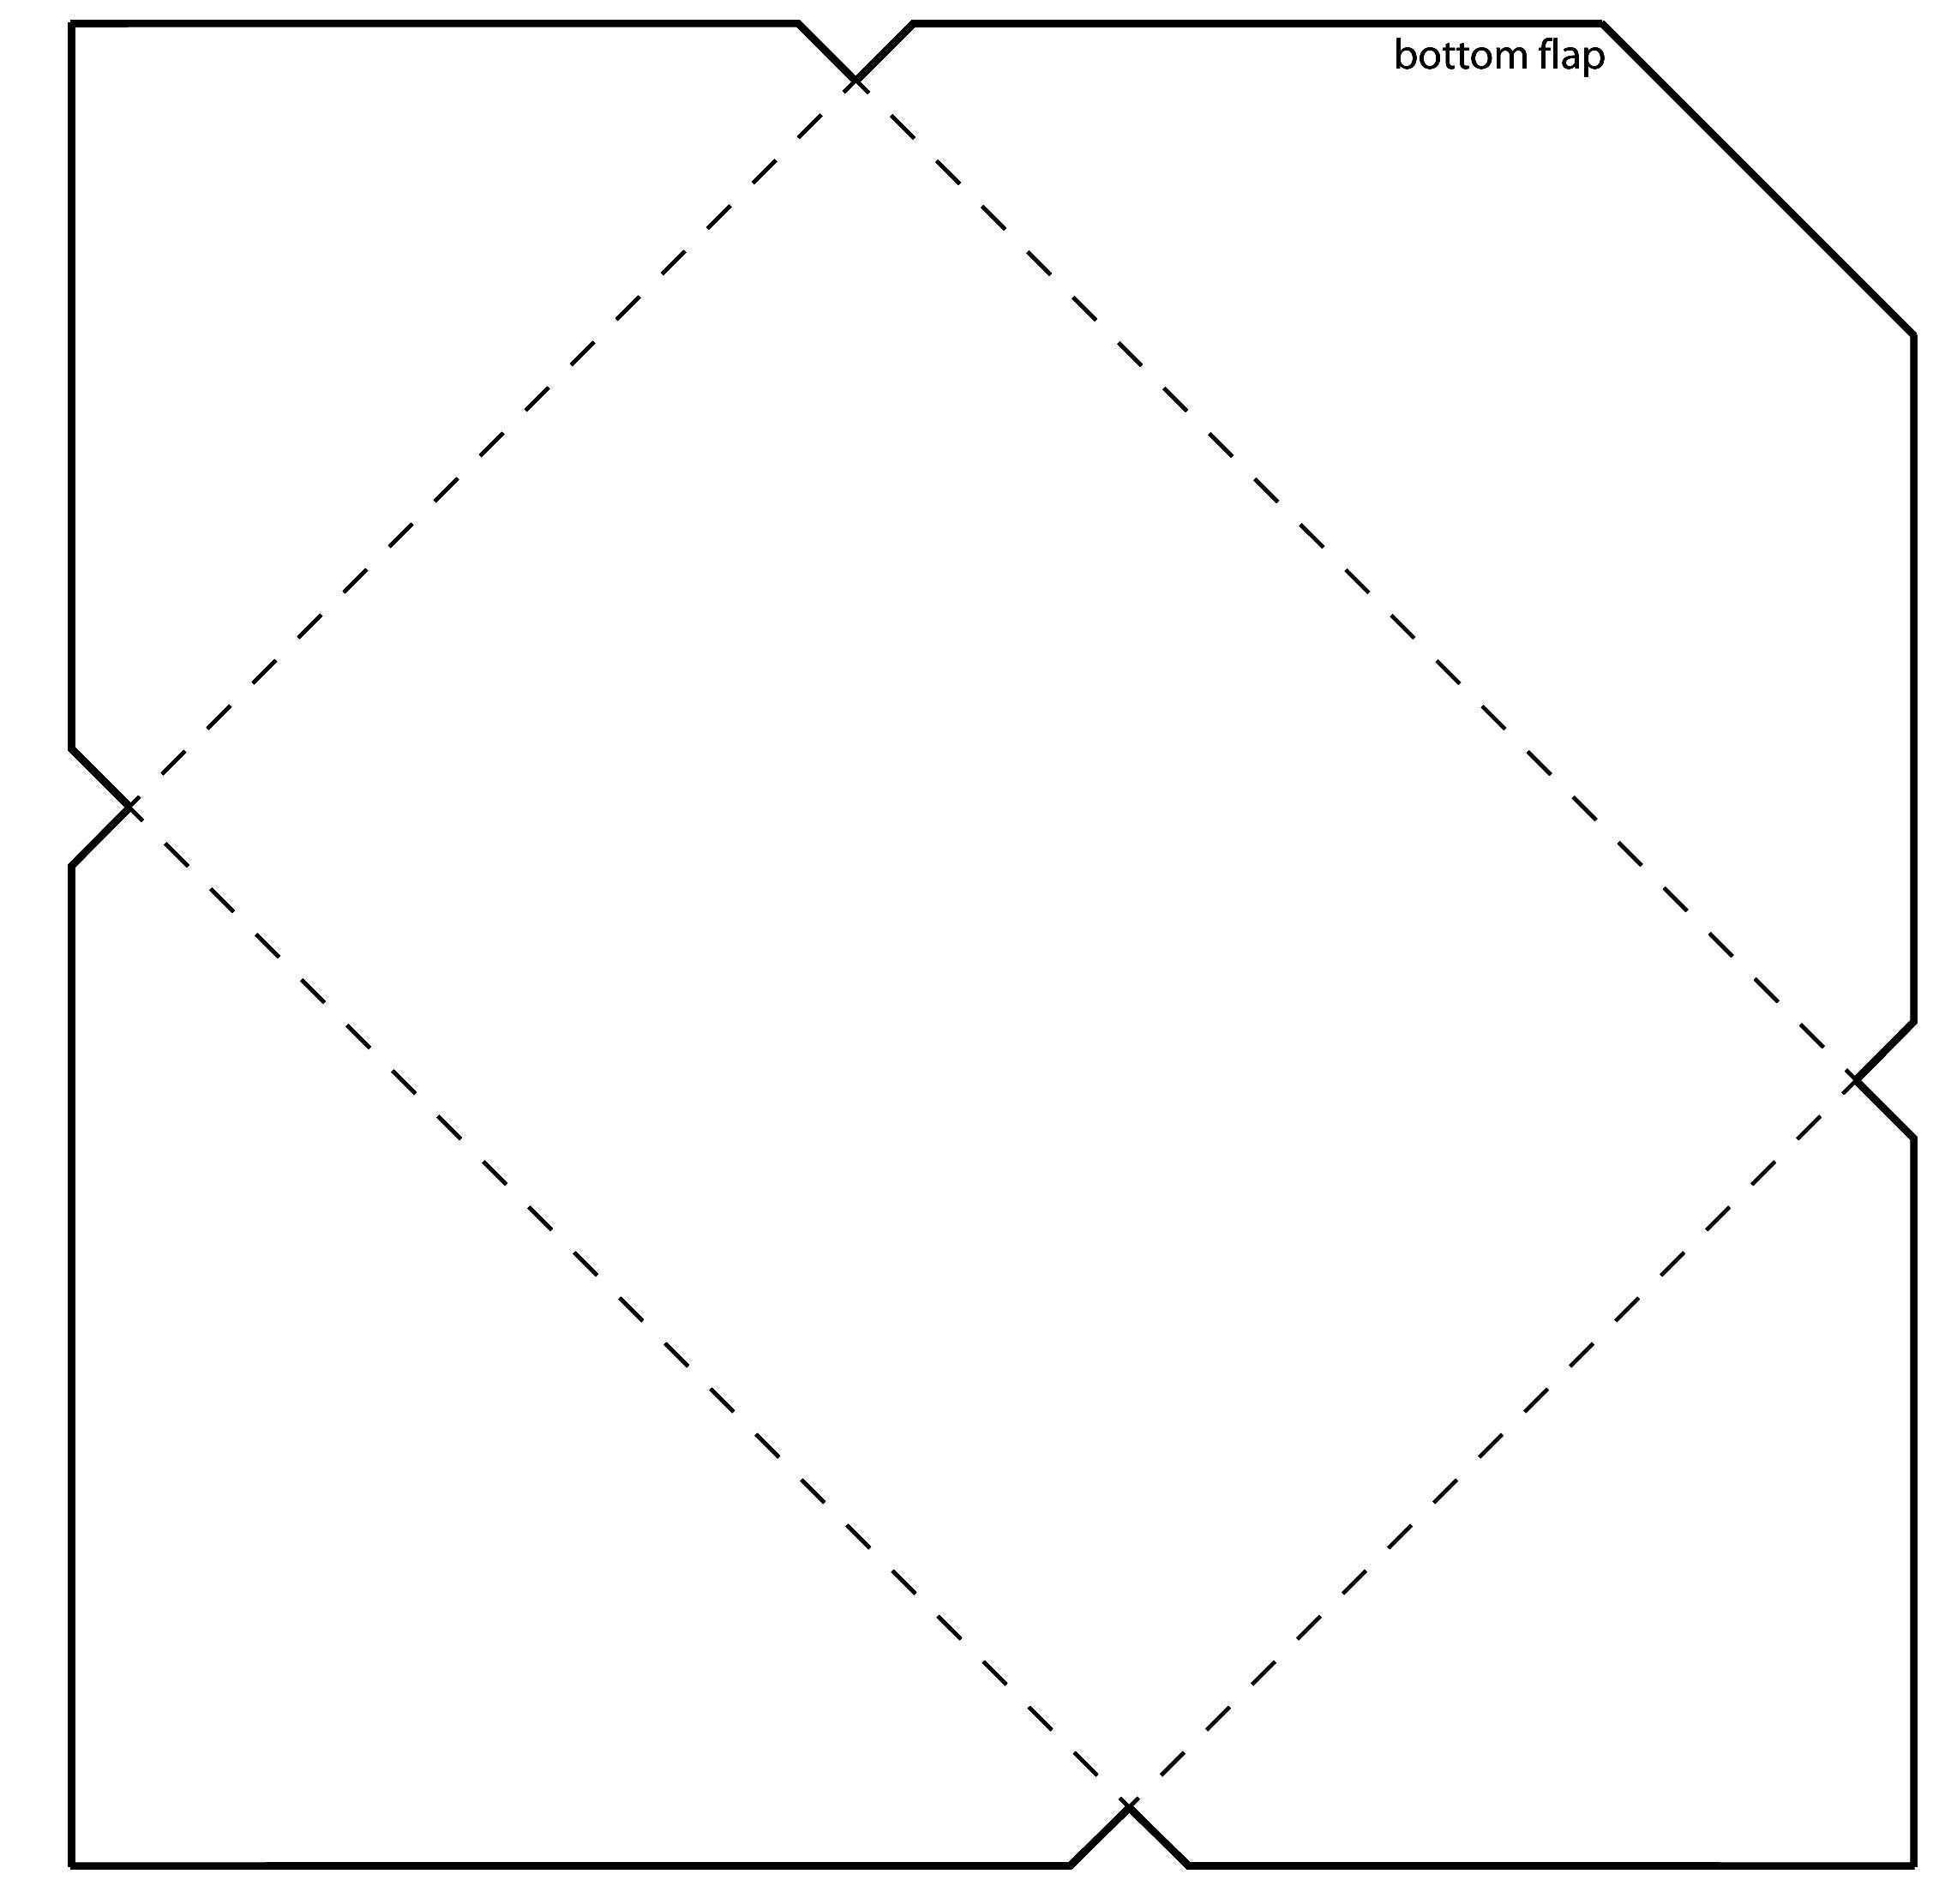 Pin Von Tom Harris Auf Crafts I Want To Try Briefumschlag Basteln Briefumschlag Basteln Vorlage Basteln Mit Papier Anleitung